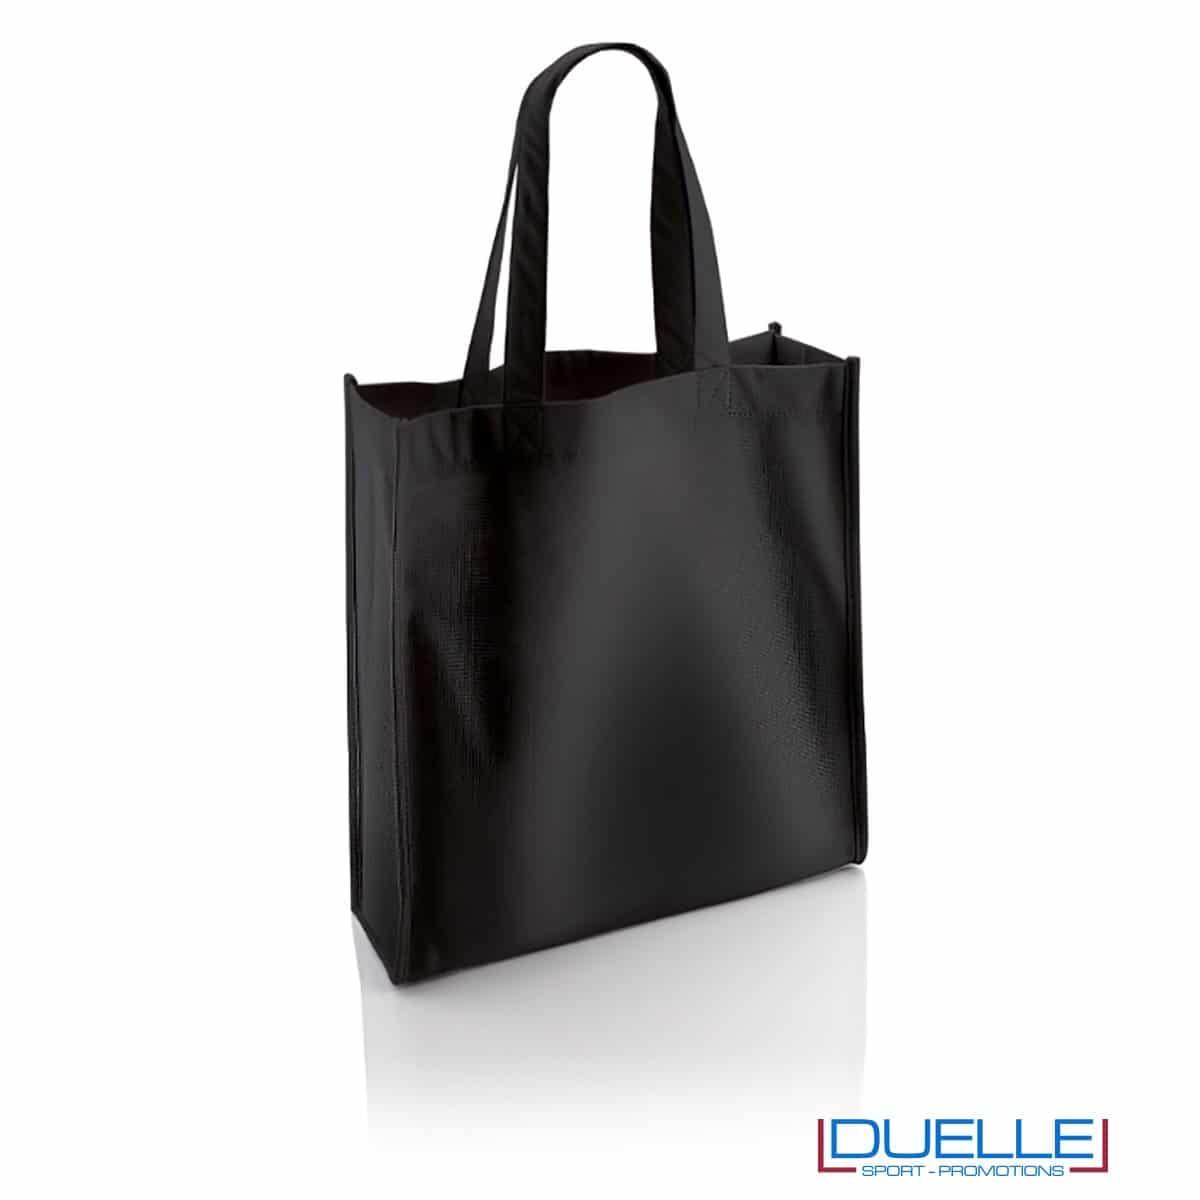 borsa shopper personalizzata in r-pet ecologica di colore nero, borsa personalizzata